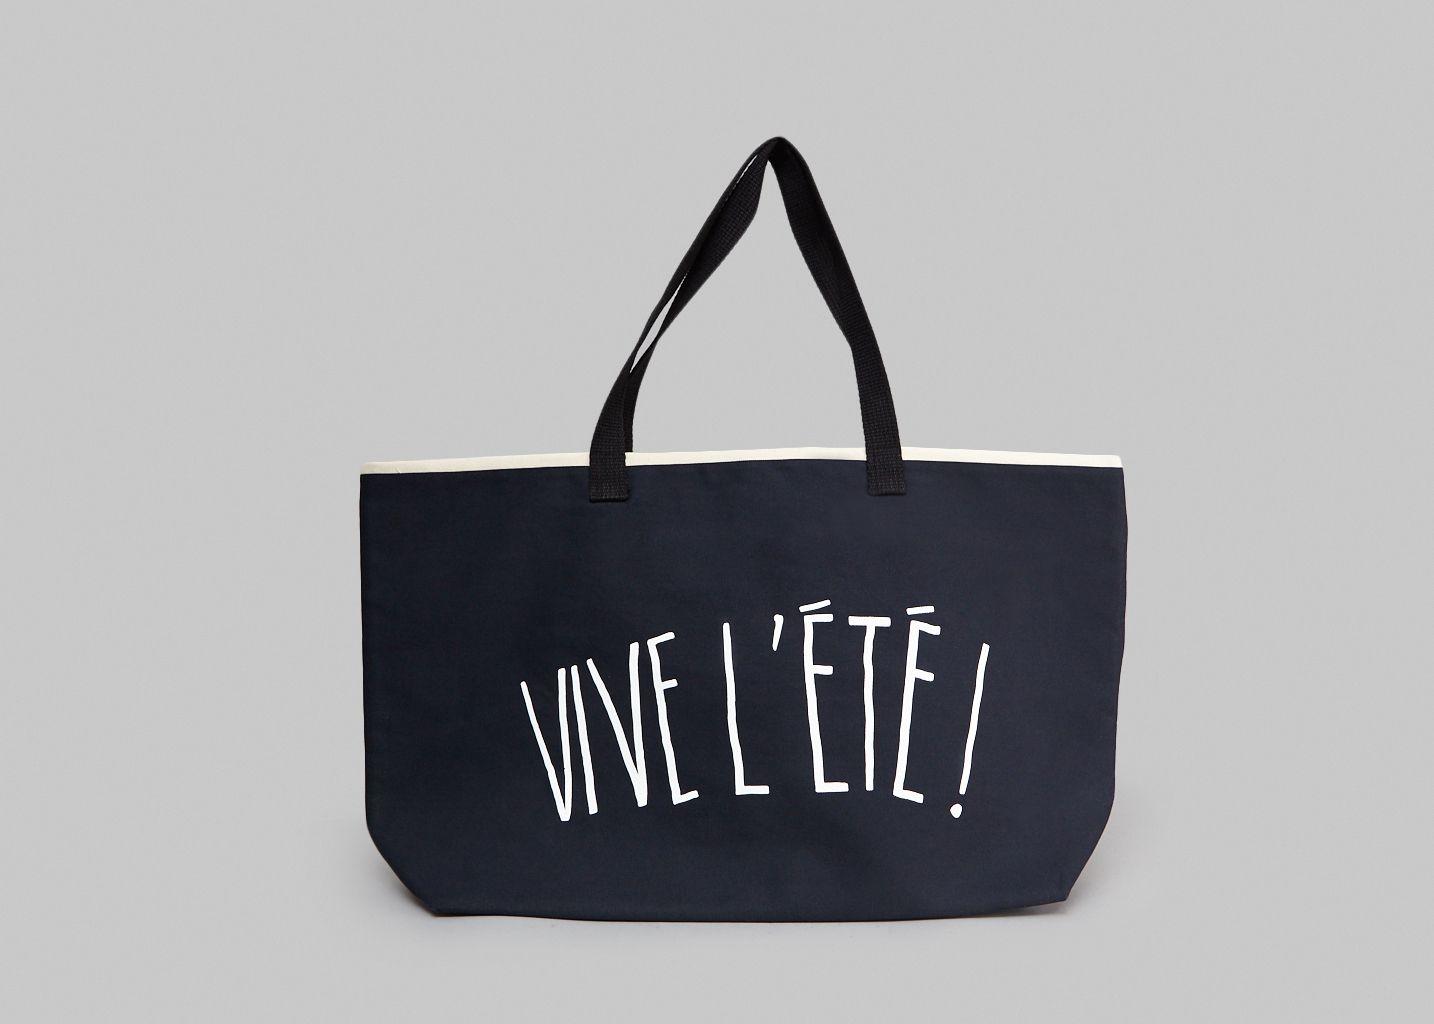 Beachbag Vive L'Eté - Commune de Paris